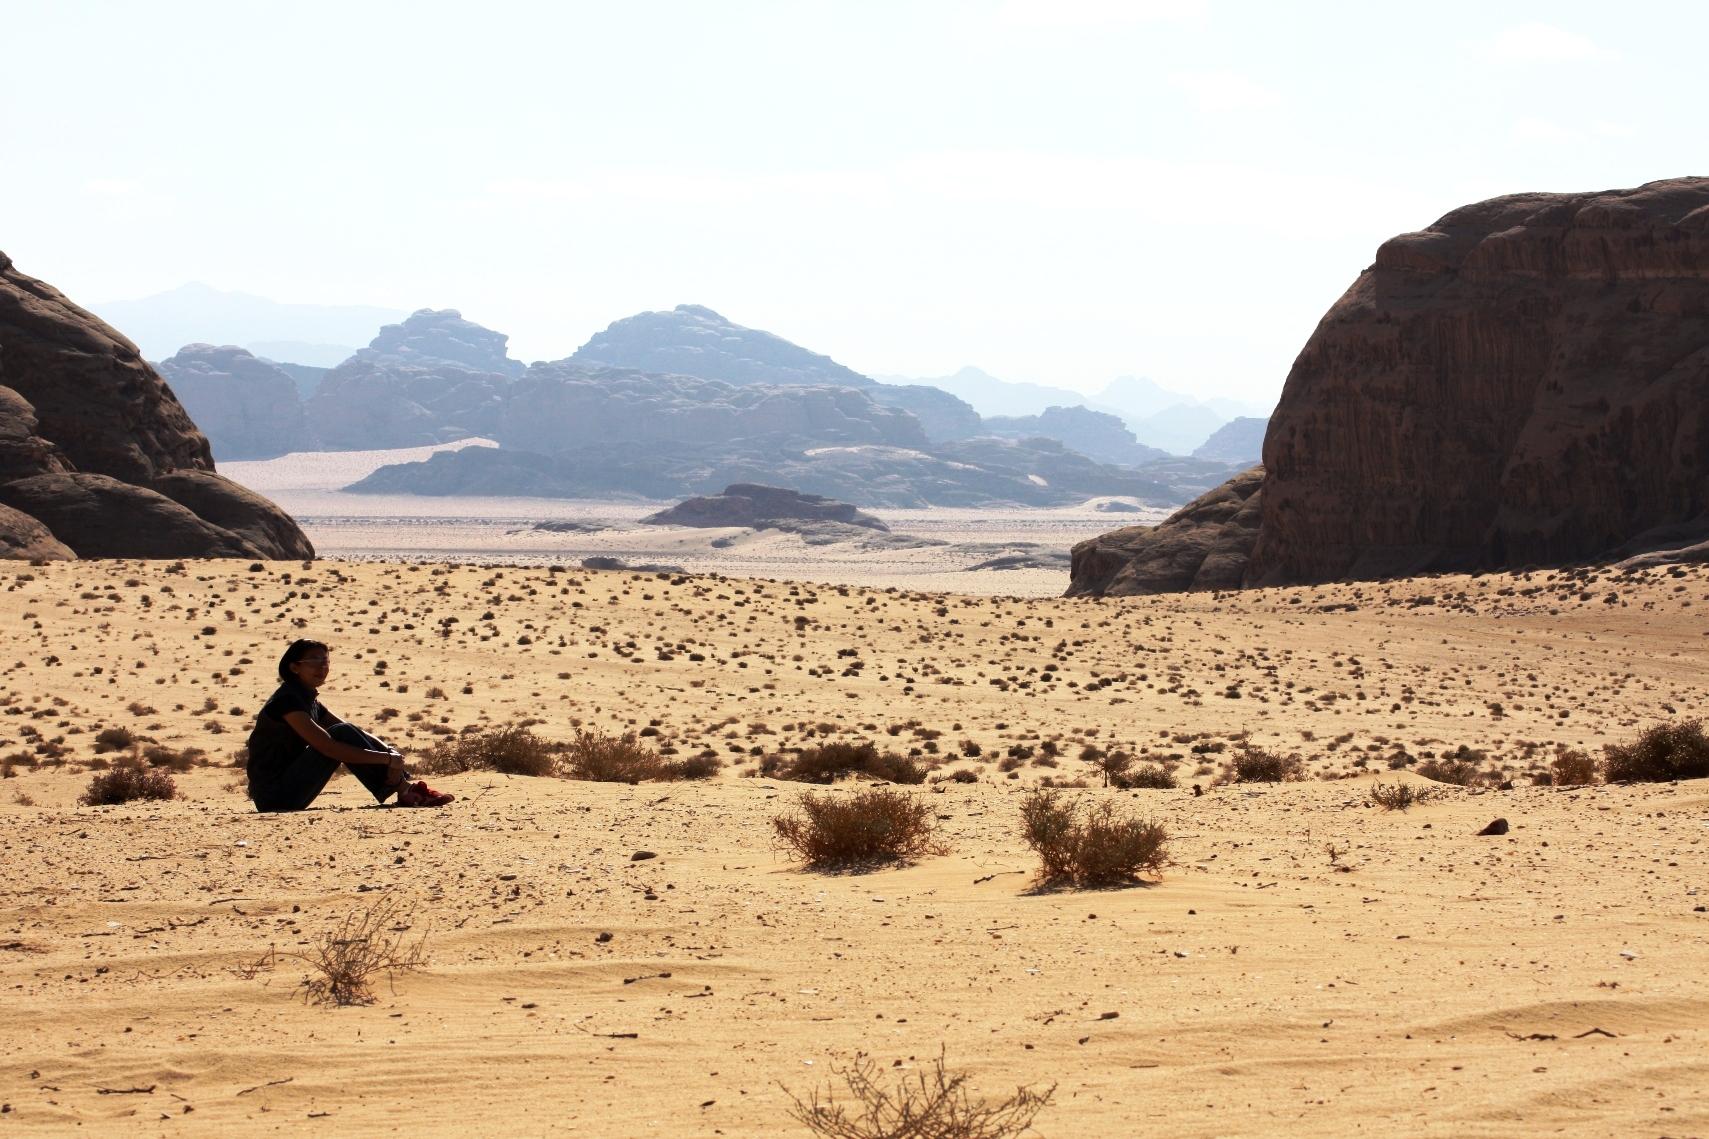 Jordan - Wadi Rum